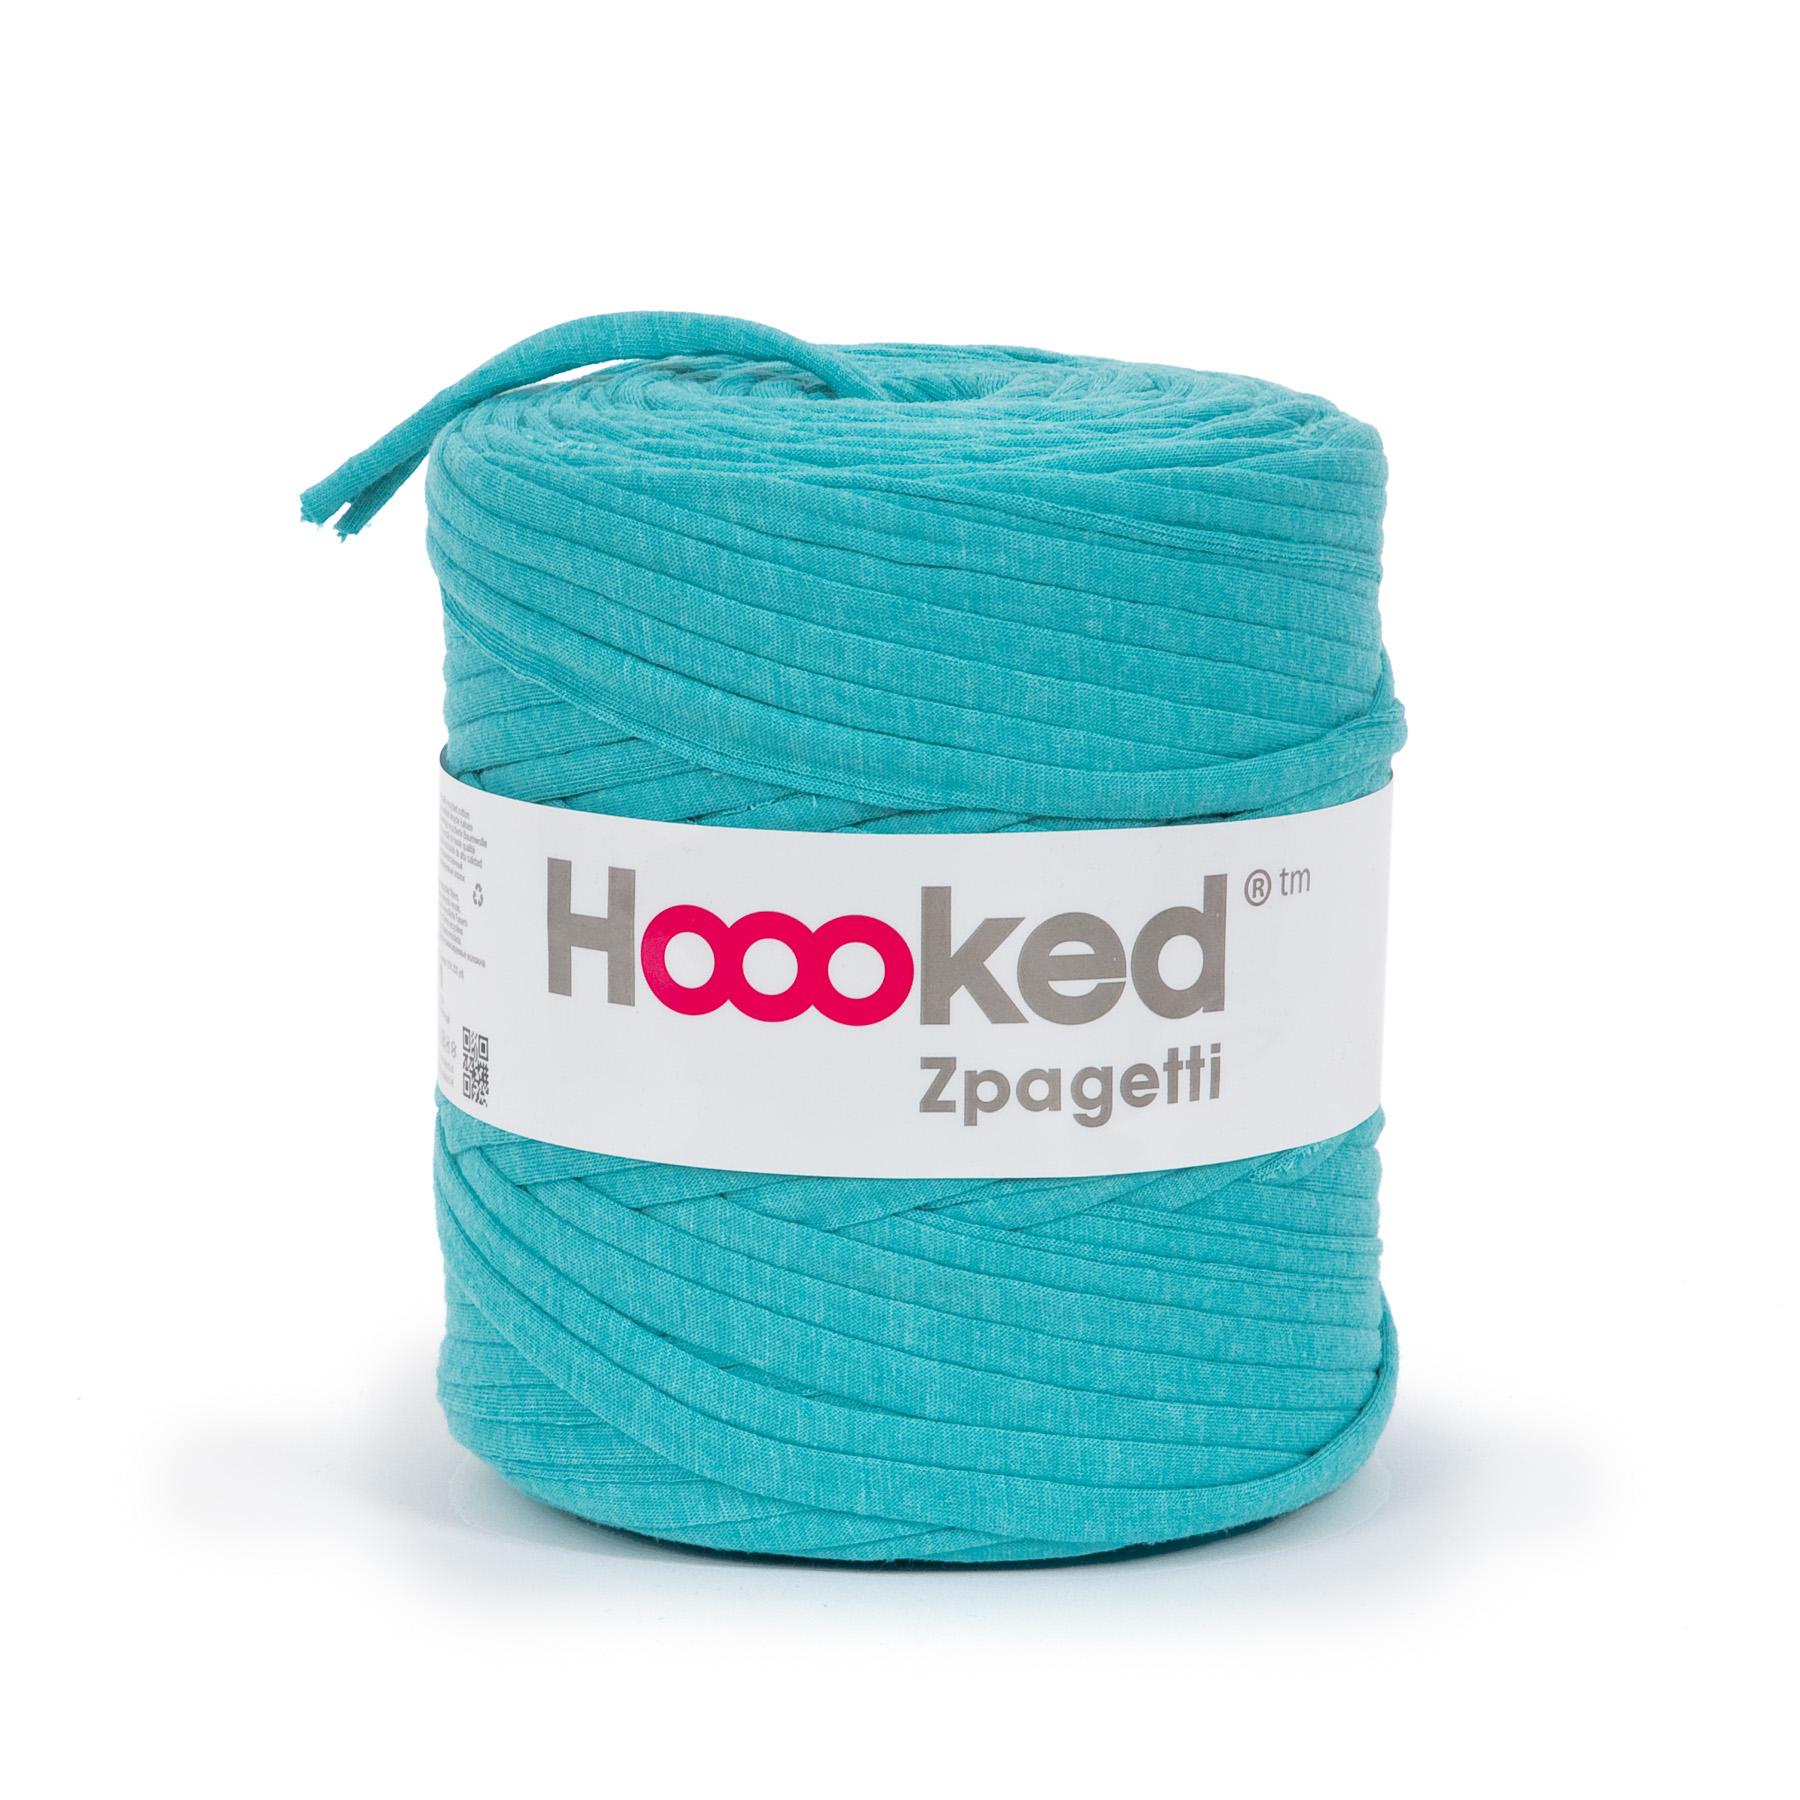 Hoooked Zpagetti Garn türkis